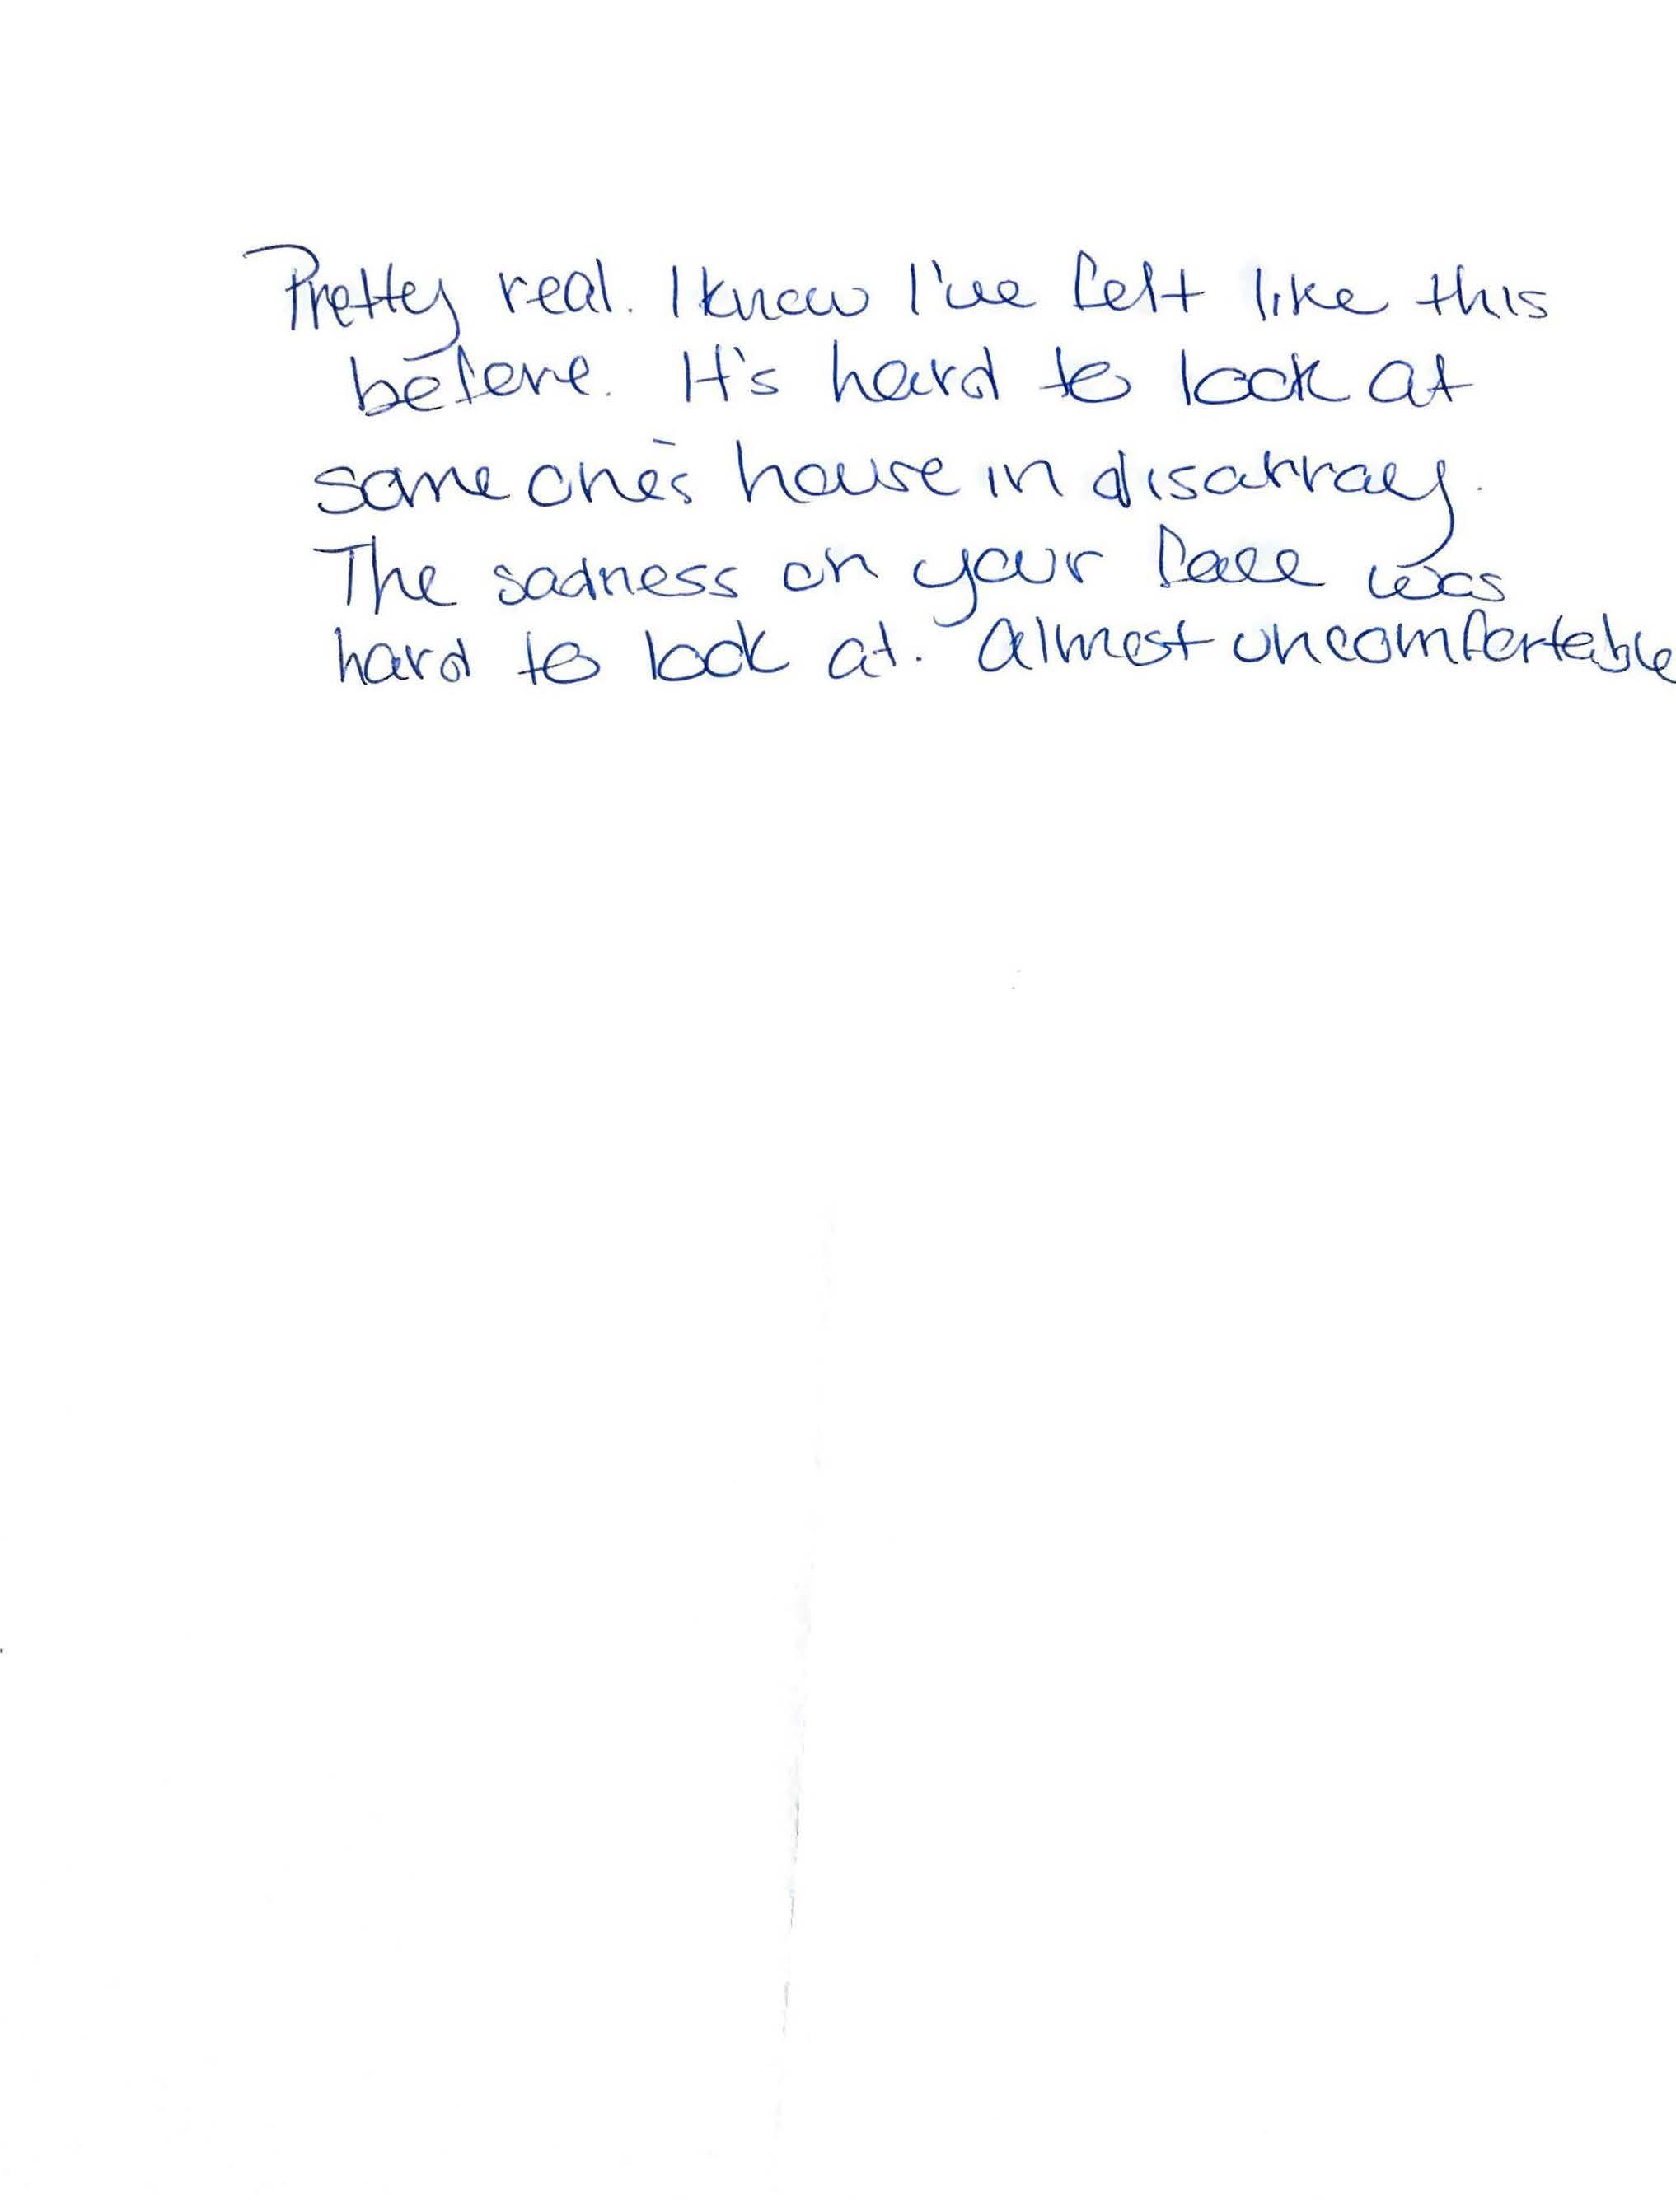 BTCD Letter (27).jpg